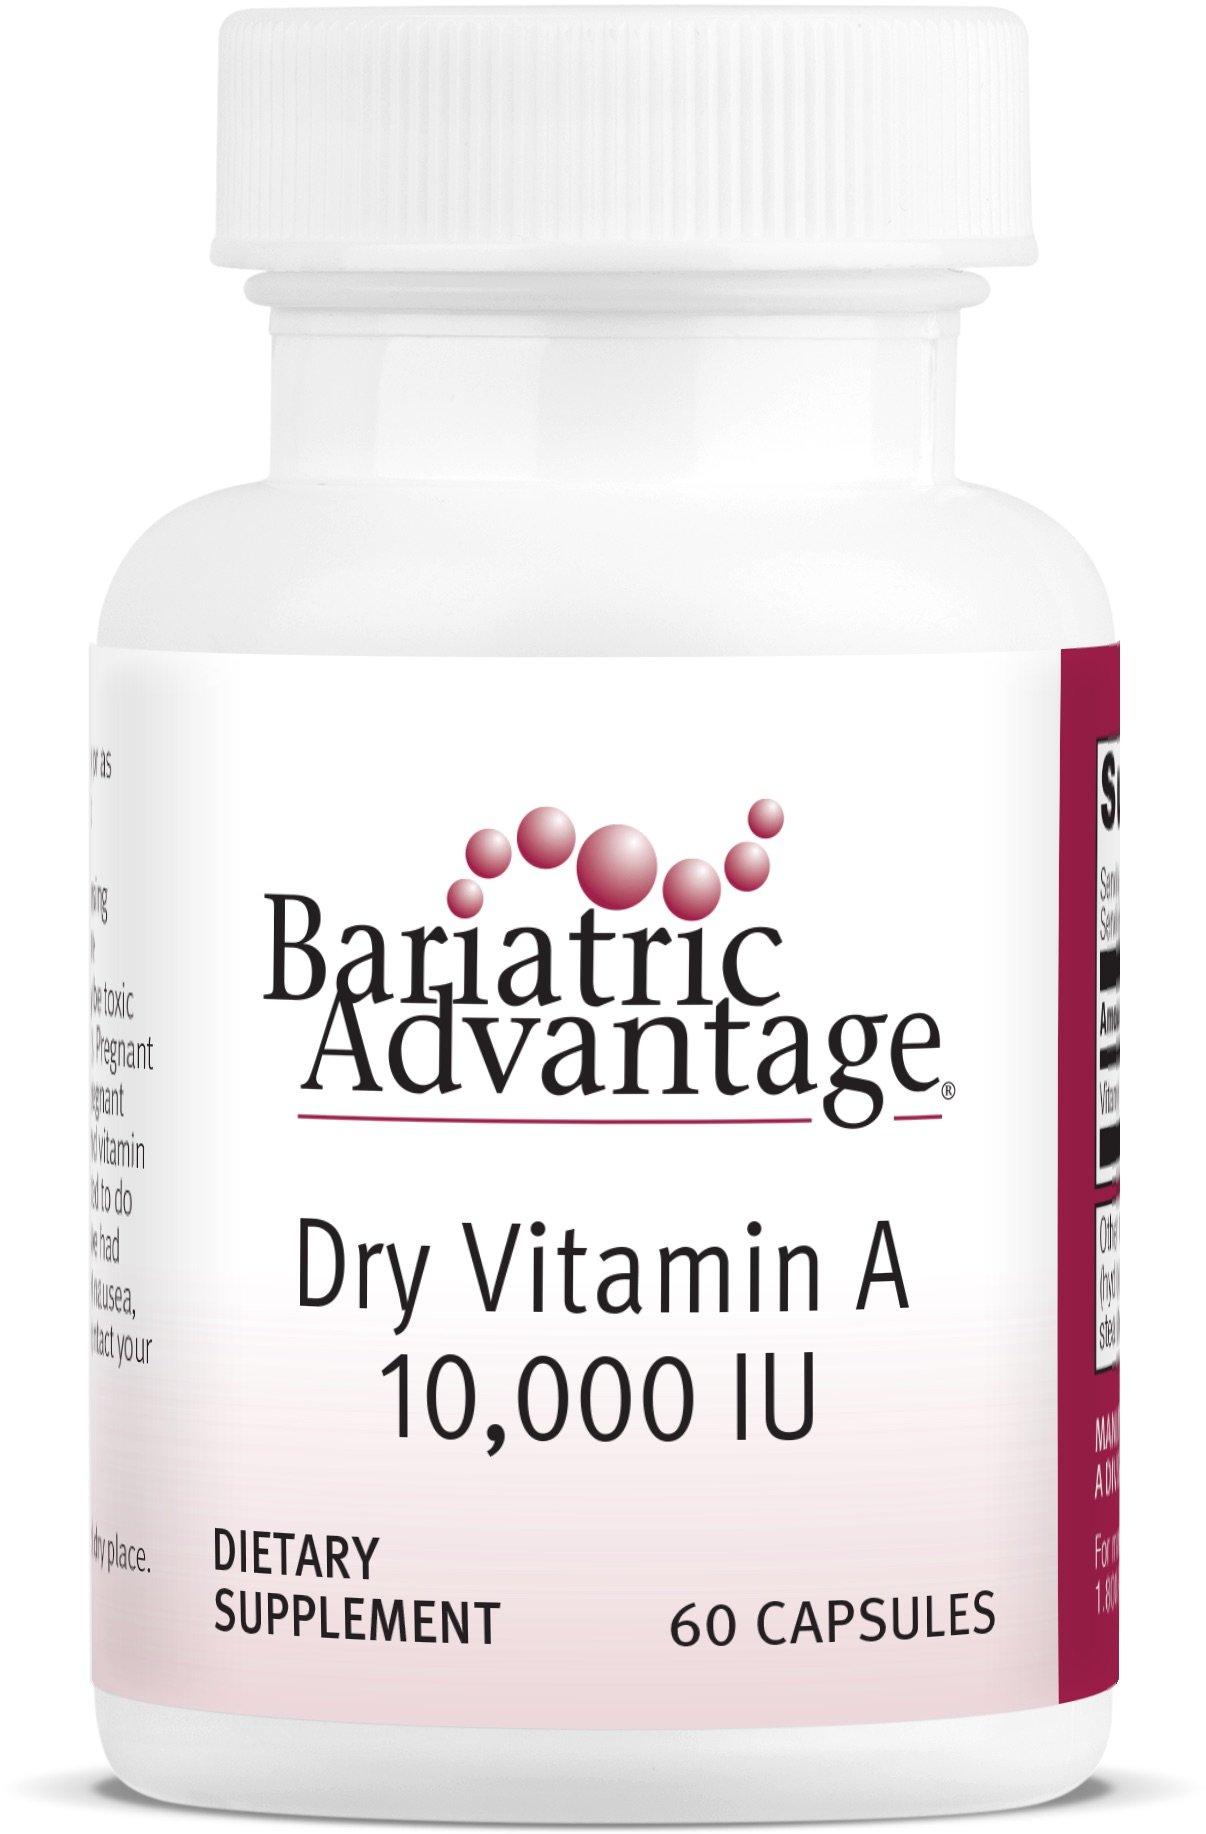 Bariatric Advantage - Dry Vitamin A Capsules, 60 Count by Bariatric Advantage